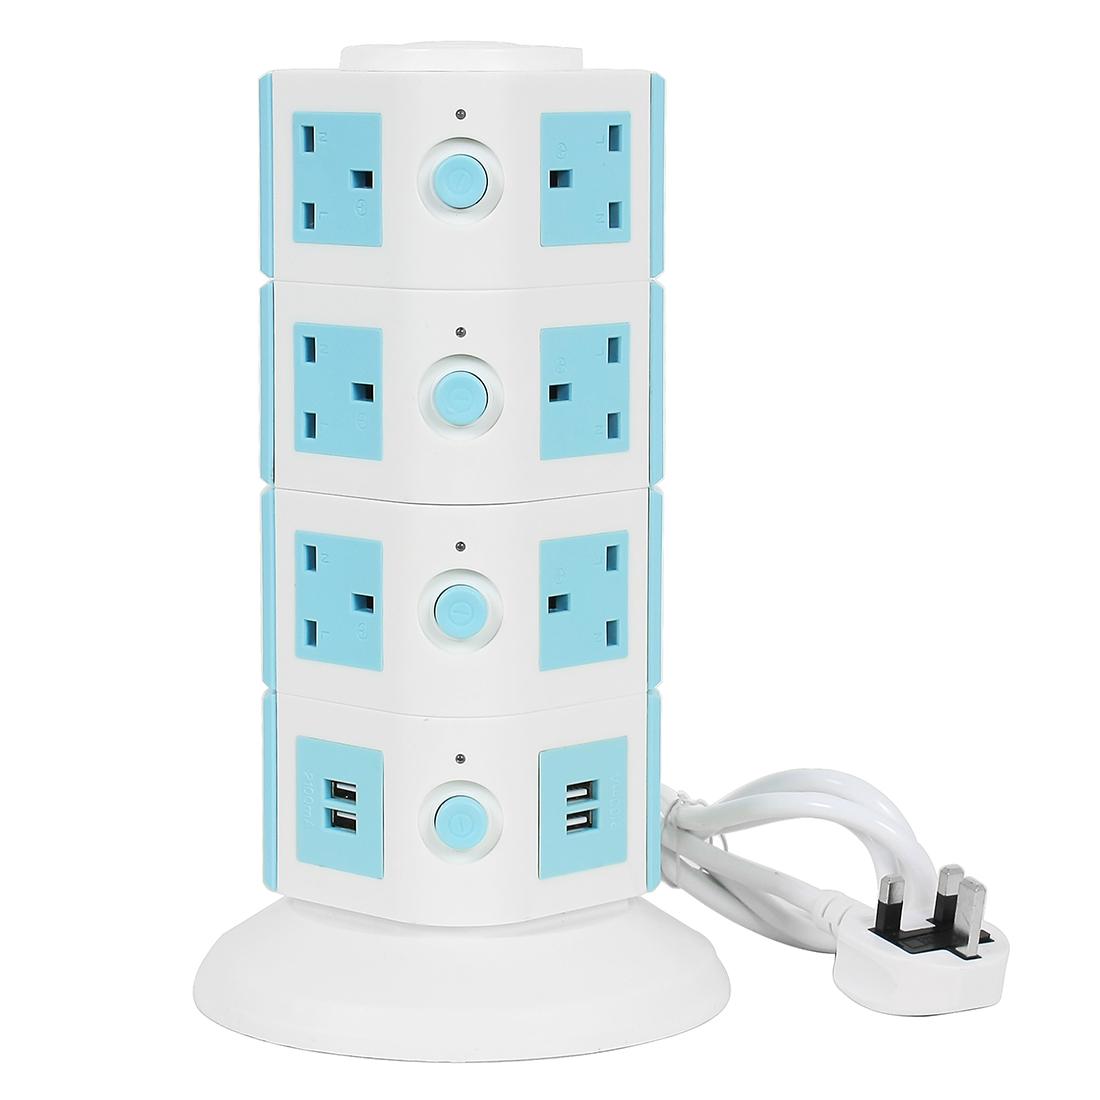 AC250V UK Plug Vertical Smart Socket 14 UK Outlet 4 USB Ports 6 Ft Cable White Blue